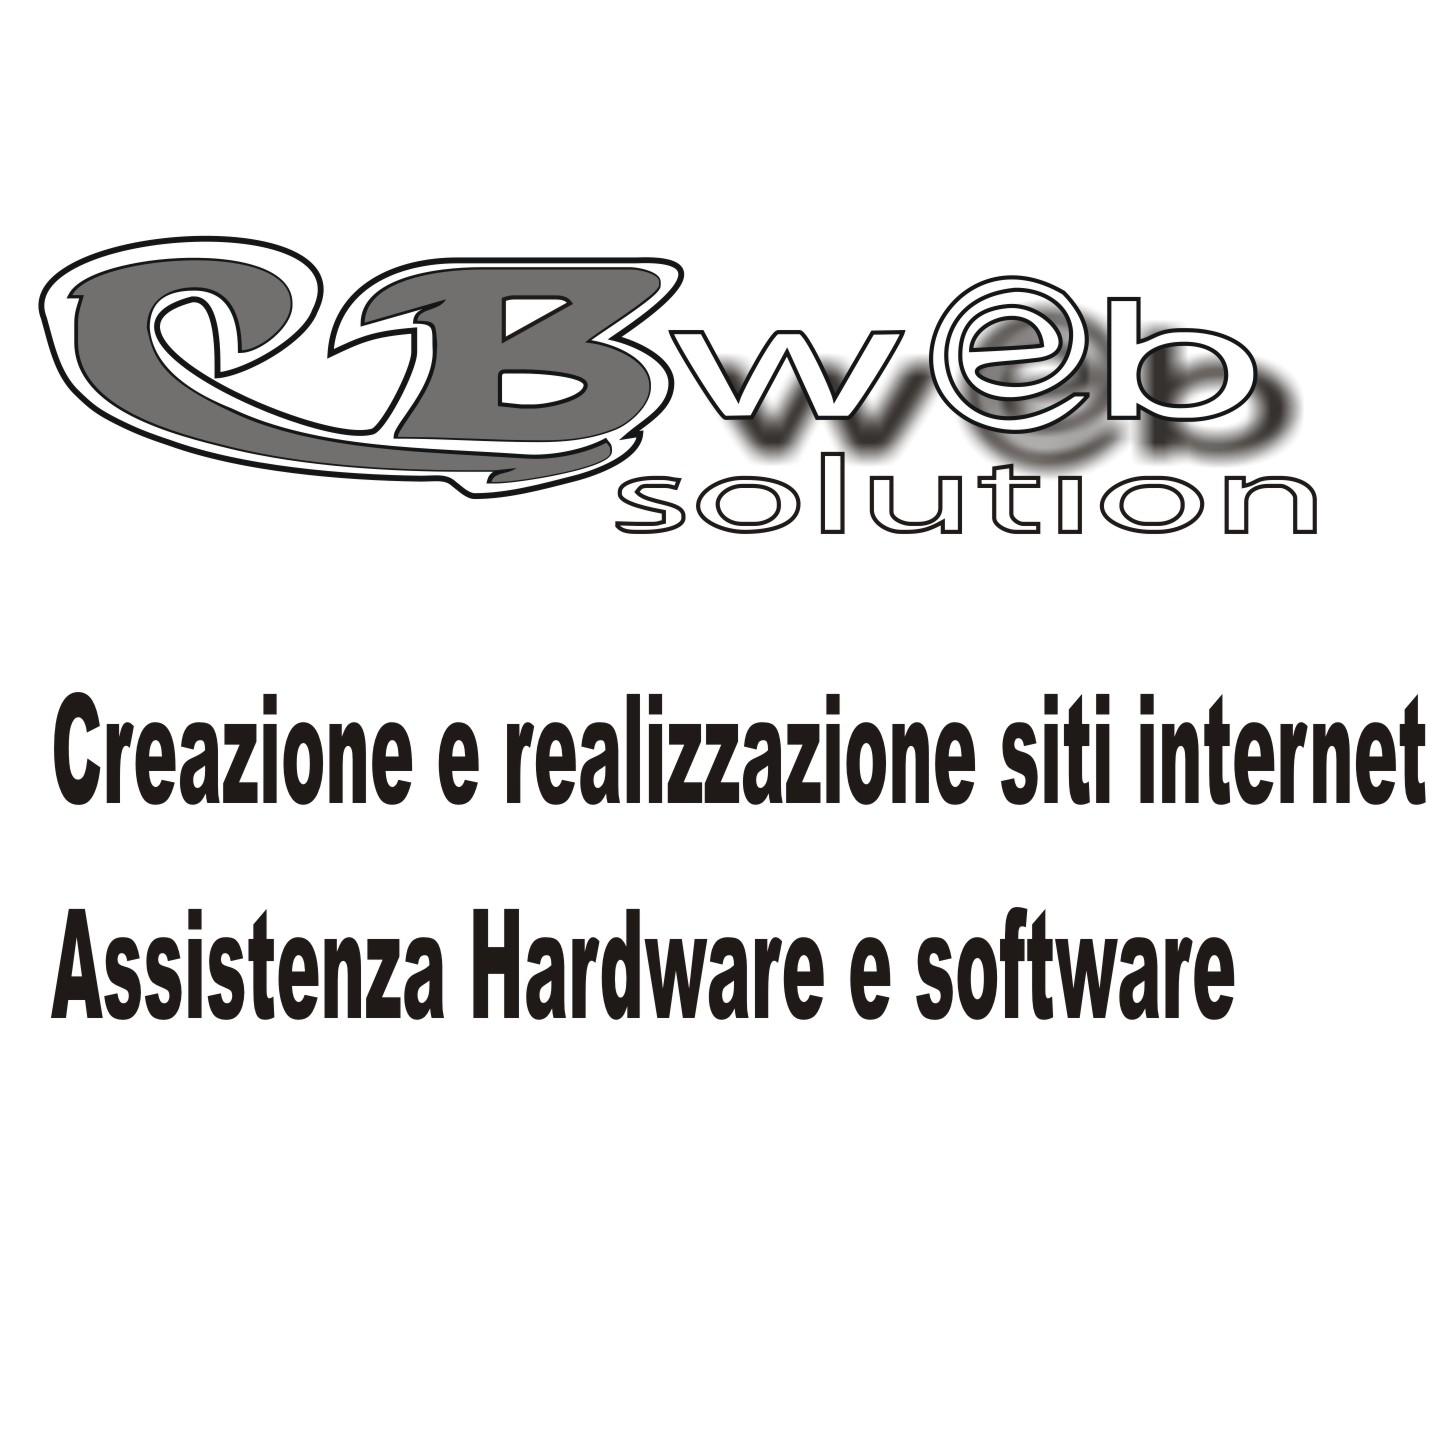 CBwebsolution